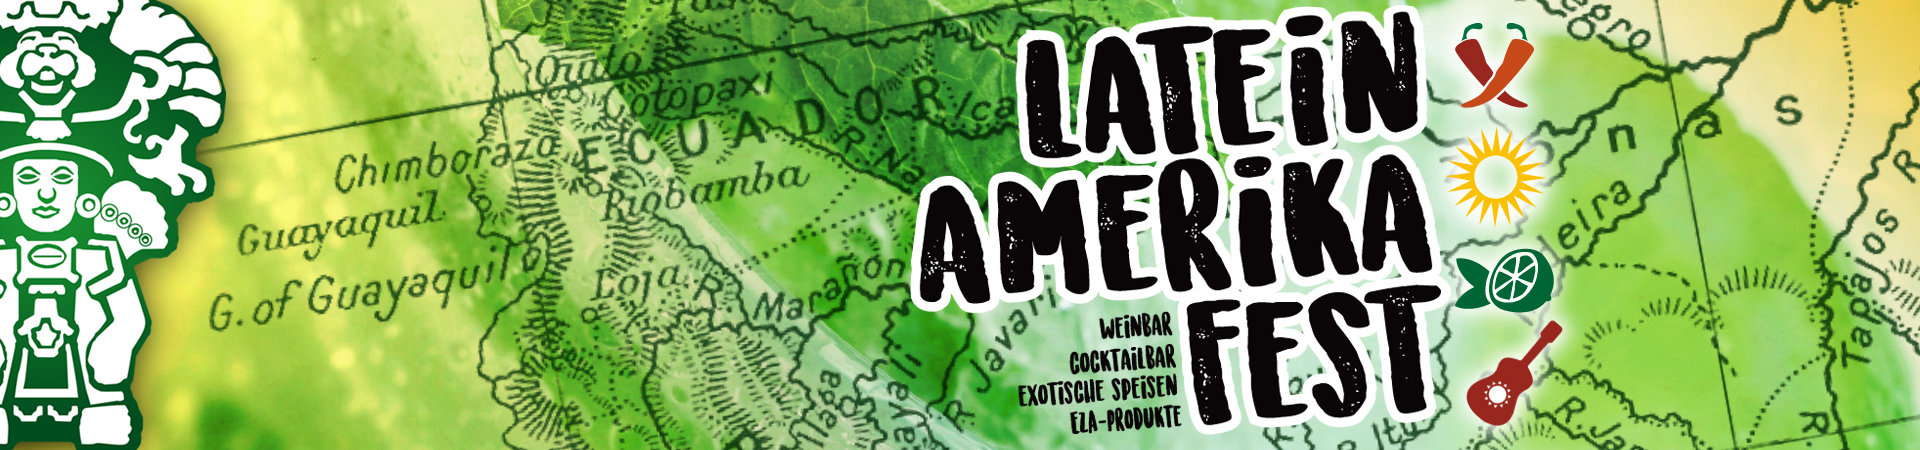 lam2016